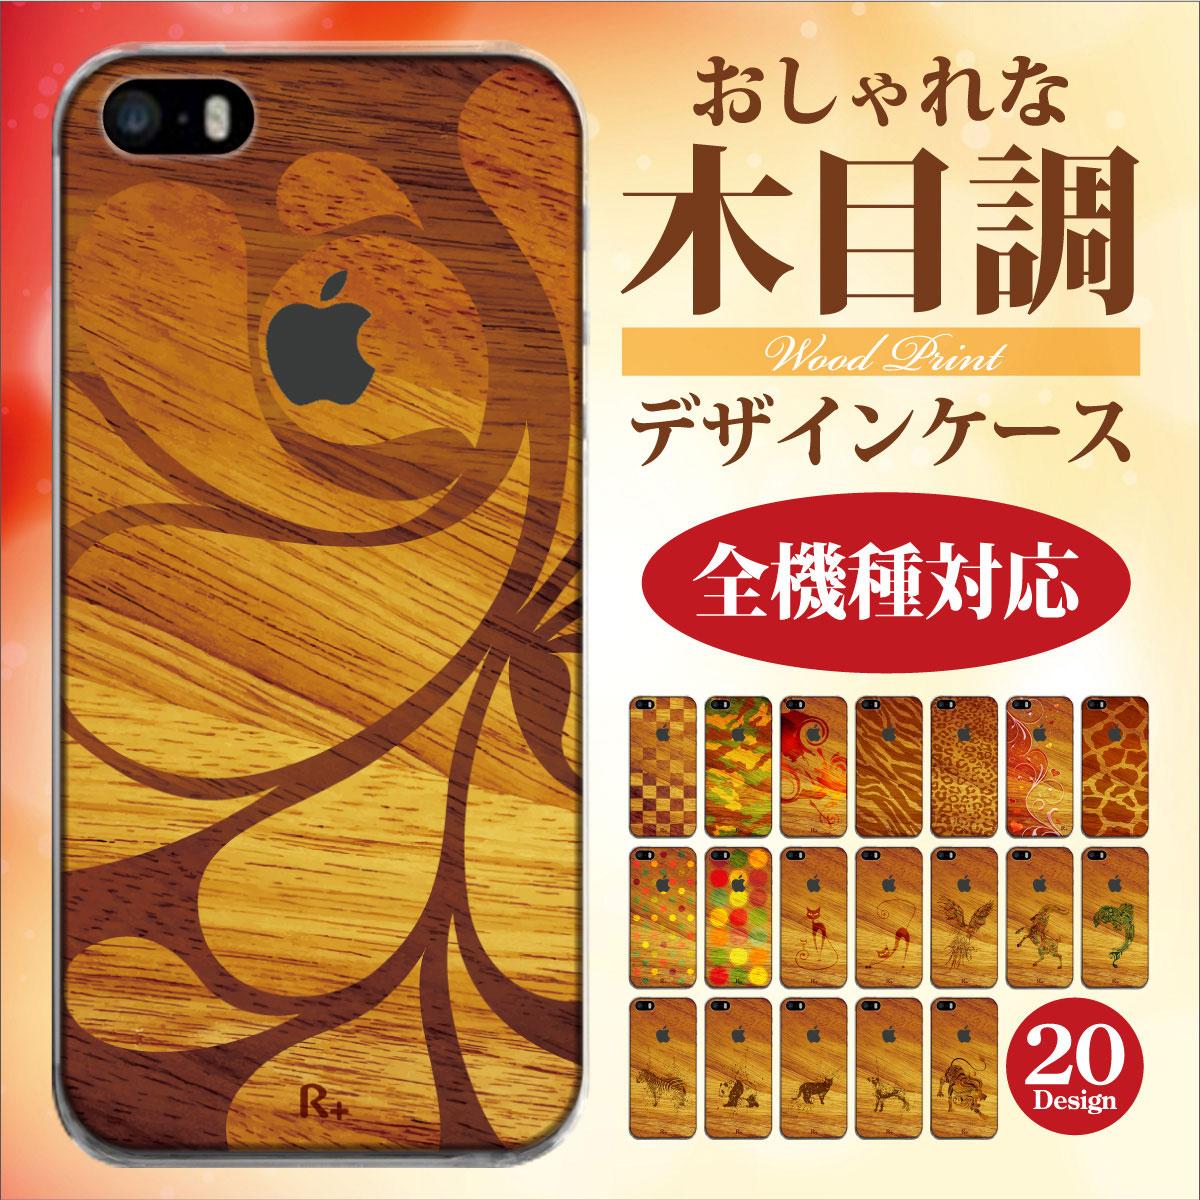 スマホケース 全機種対応 ケース カバー ハードケース クリアケースiPhoneX iPhone8 iPhone7s Plus iPhone7 iPhone6s iPhone6 Plus iPhone SE 5s Xperia XZ1 SO-01K SO-02K XZ so-04j XZs so-03j aquos R SH-01K SHV41 木目柄 06-zen-ca0221